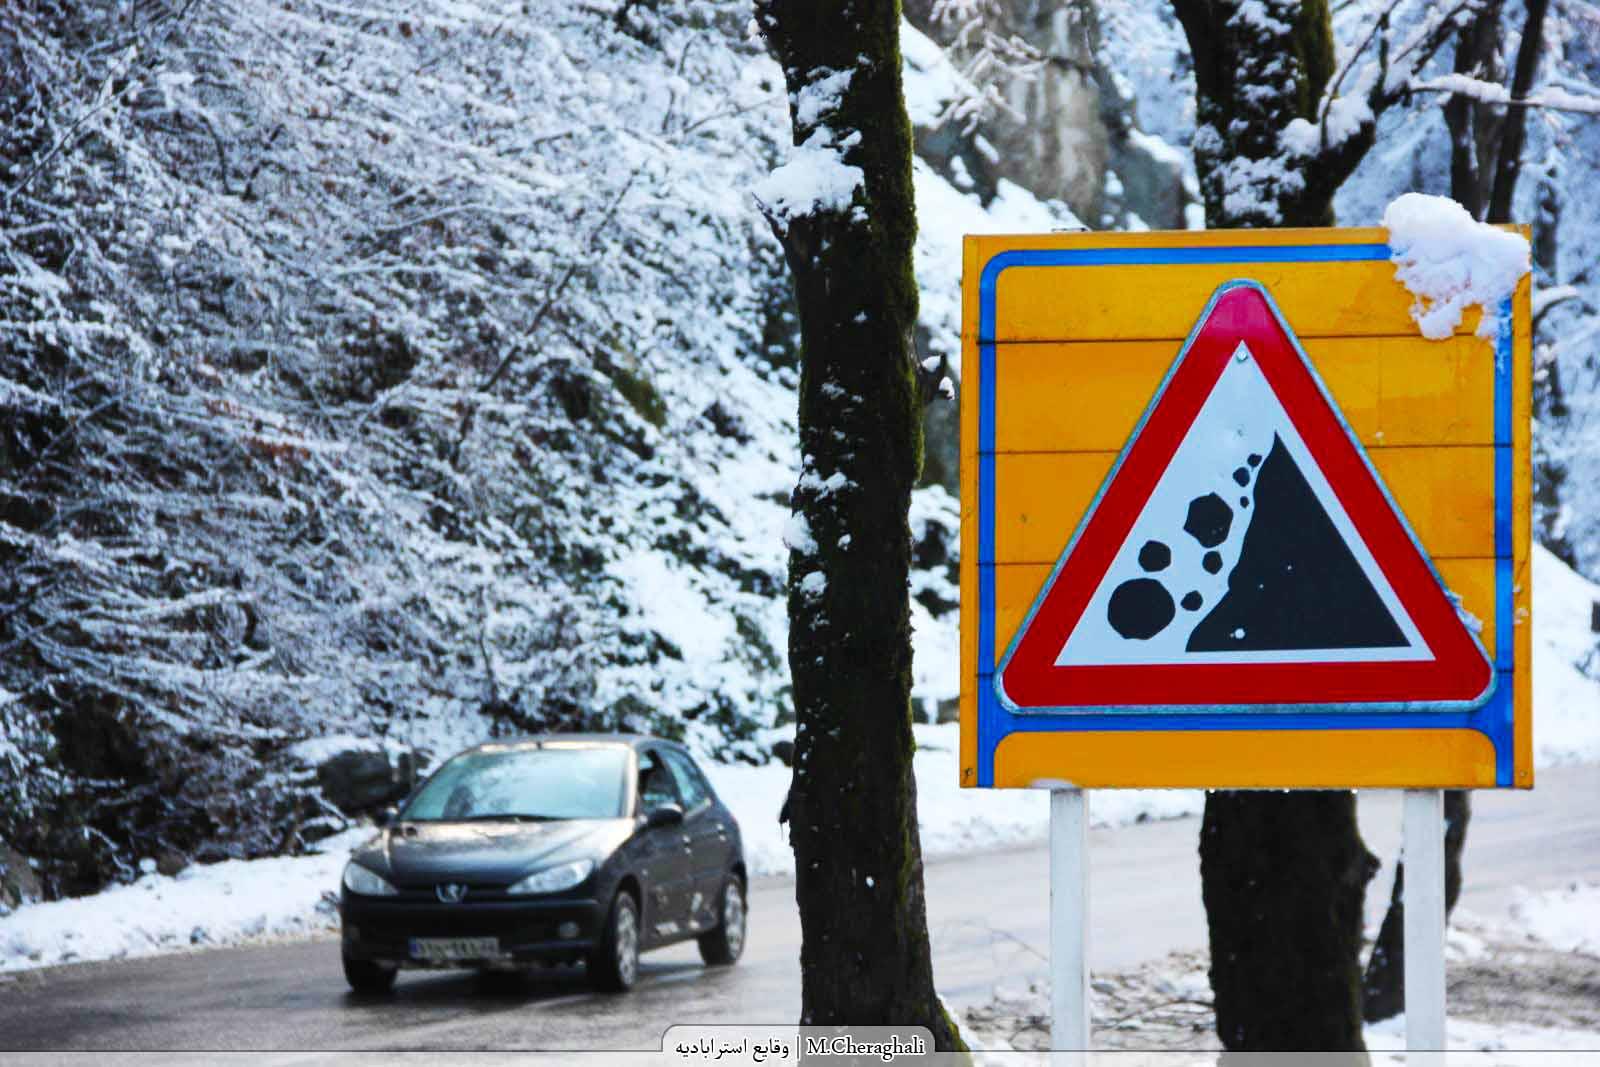 زمستان 1390 -  جاده زیارت روستای گرگان